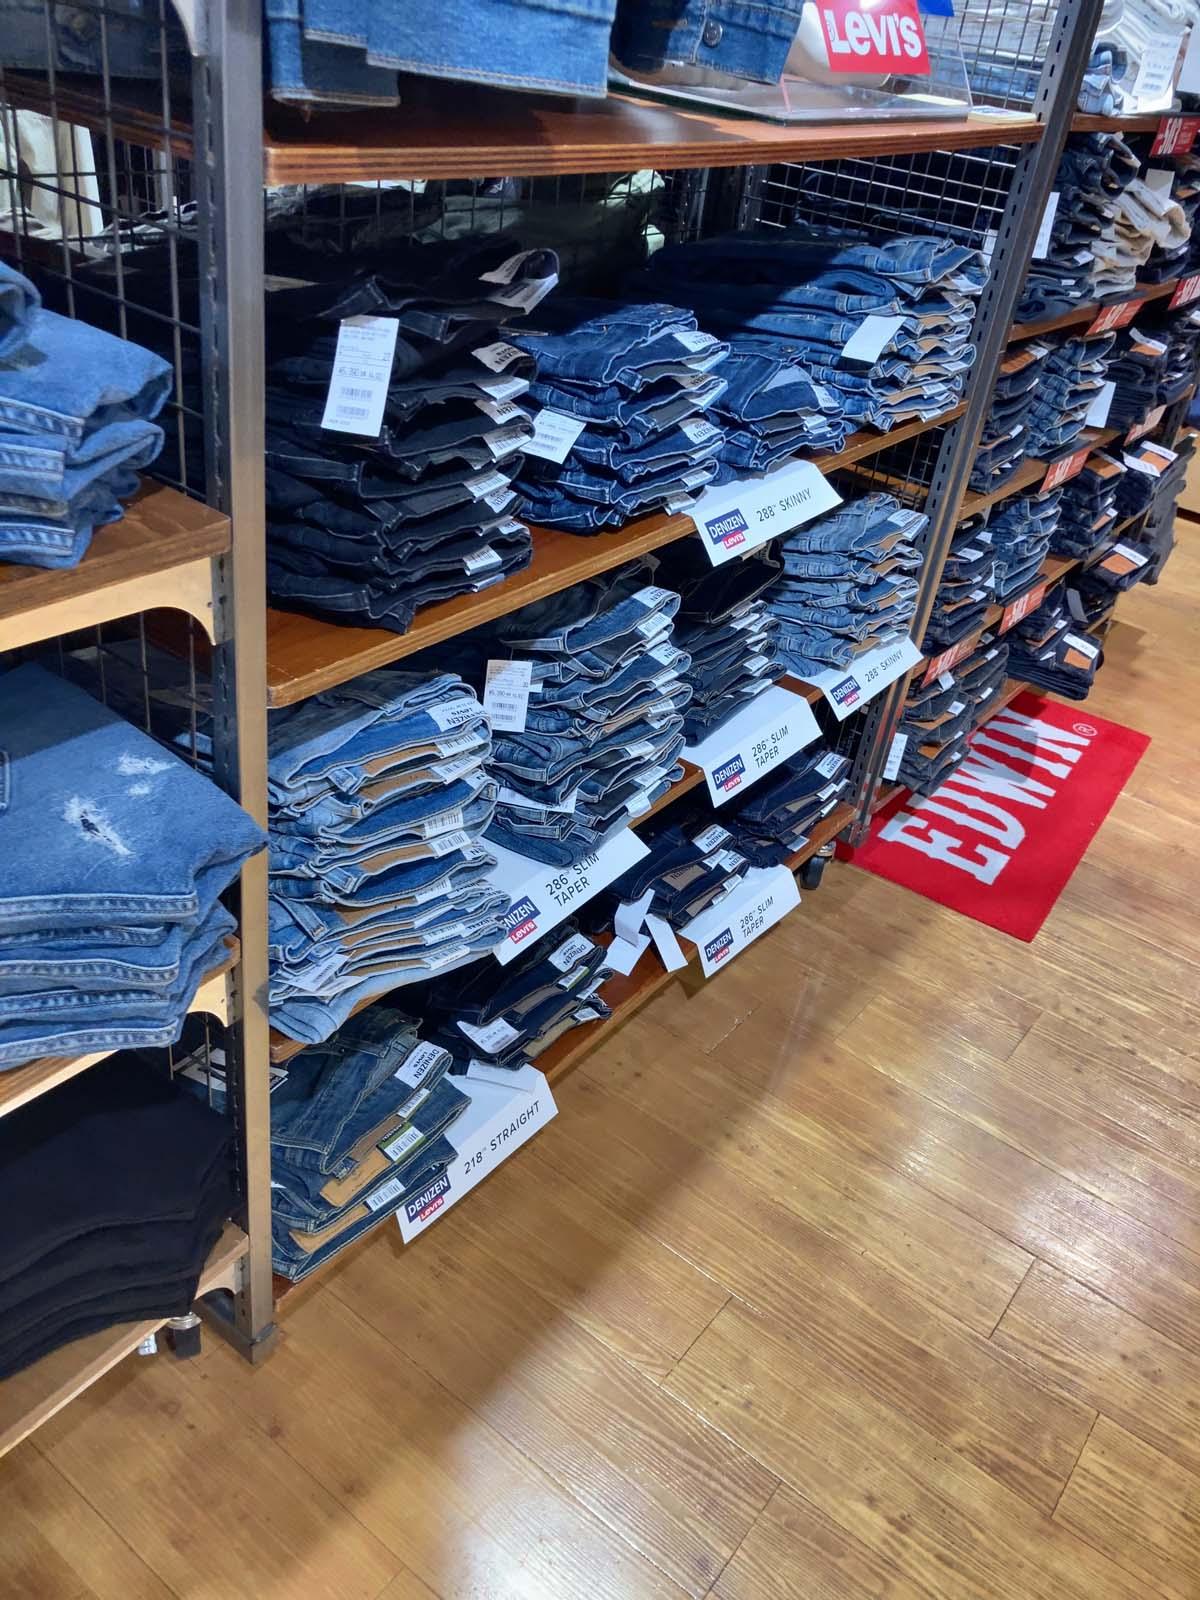 専門店なので色々なジーンズがあって悩んでしまいますが、じっくりと時間をかけて選ぶことができます。